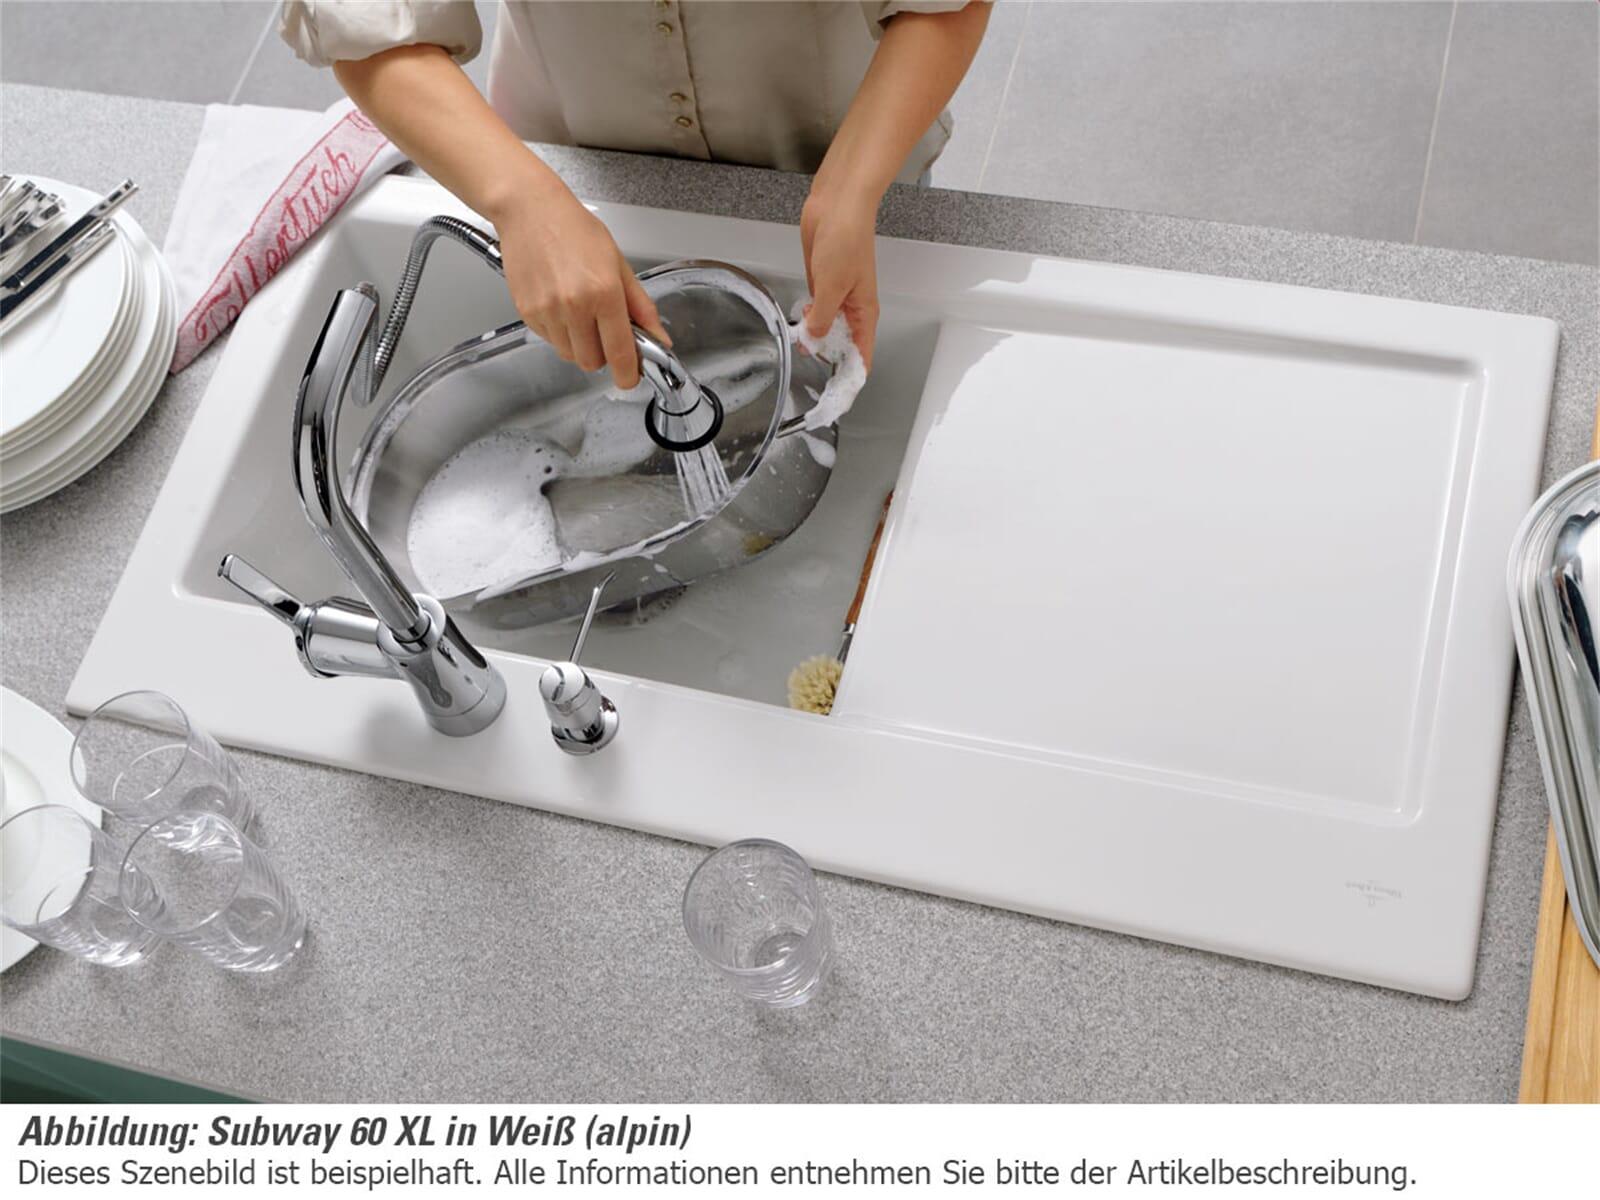 Villeroy & Boch Subway 60 XL White Pearl - 6718 01 KT Keramikspüle Handbetätigung